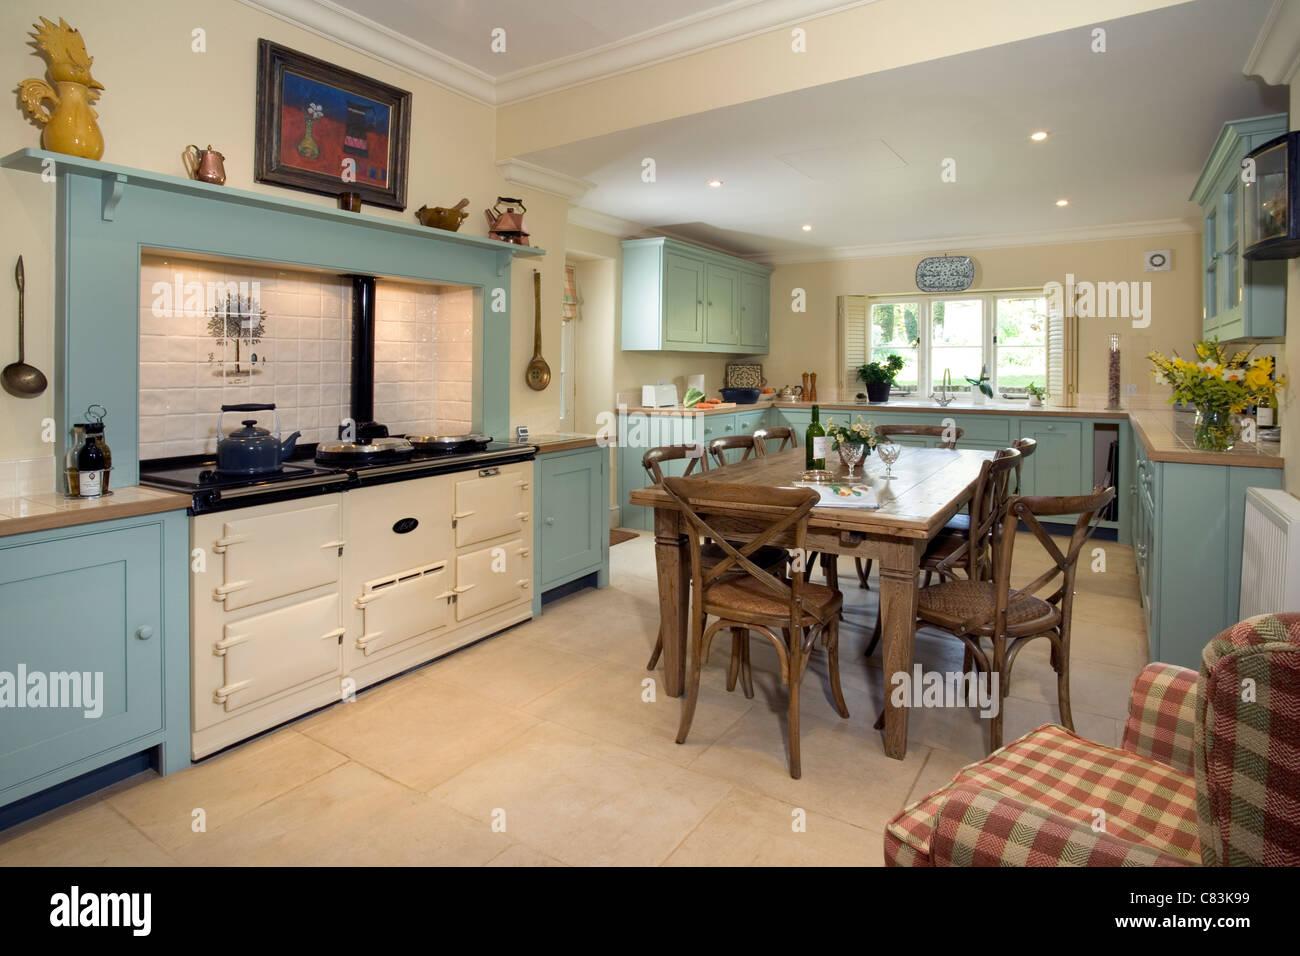 Cocina rústica contemporánea con Aga cooker Foto & Imagen De Stock ...